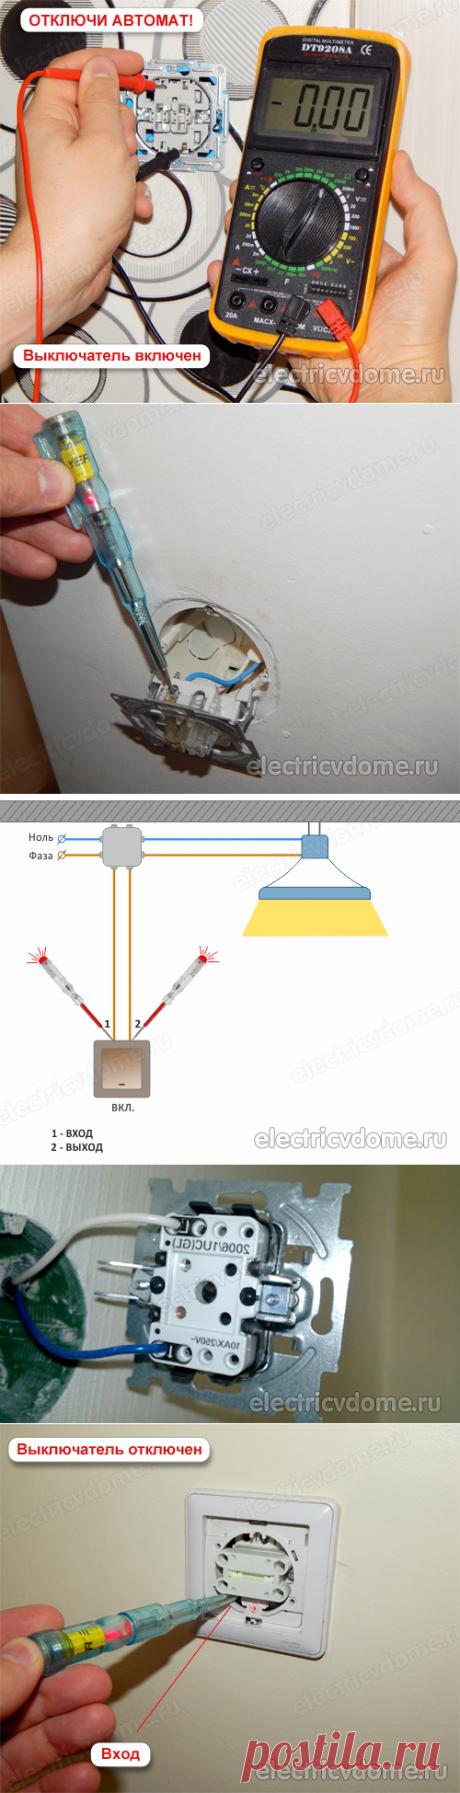 Как проверить выключатель света – 3 способа